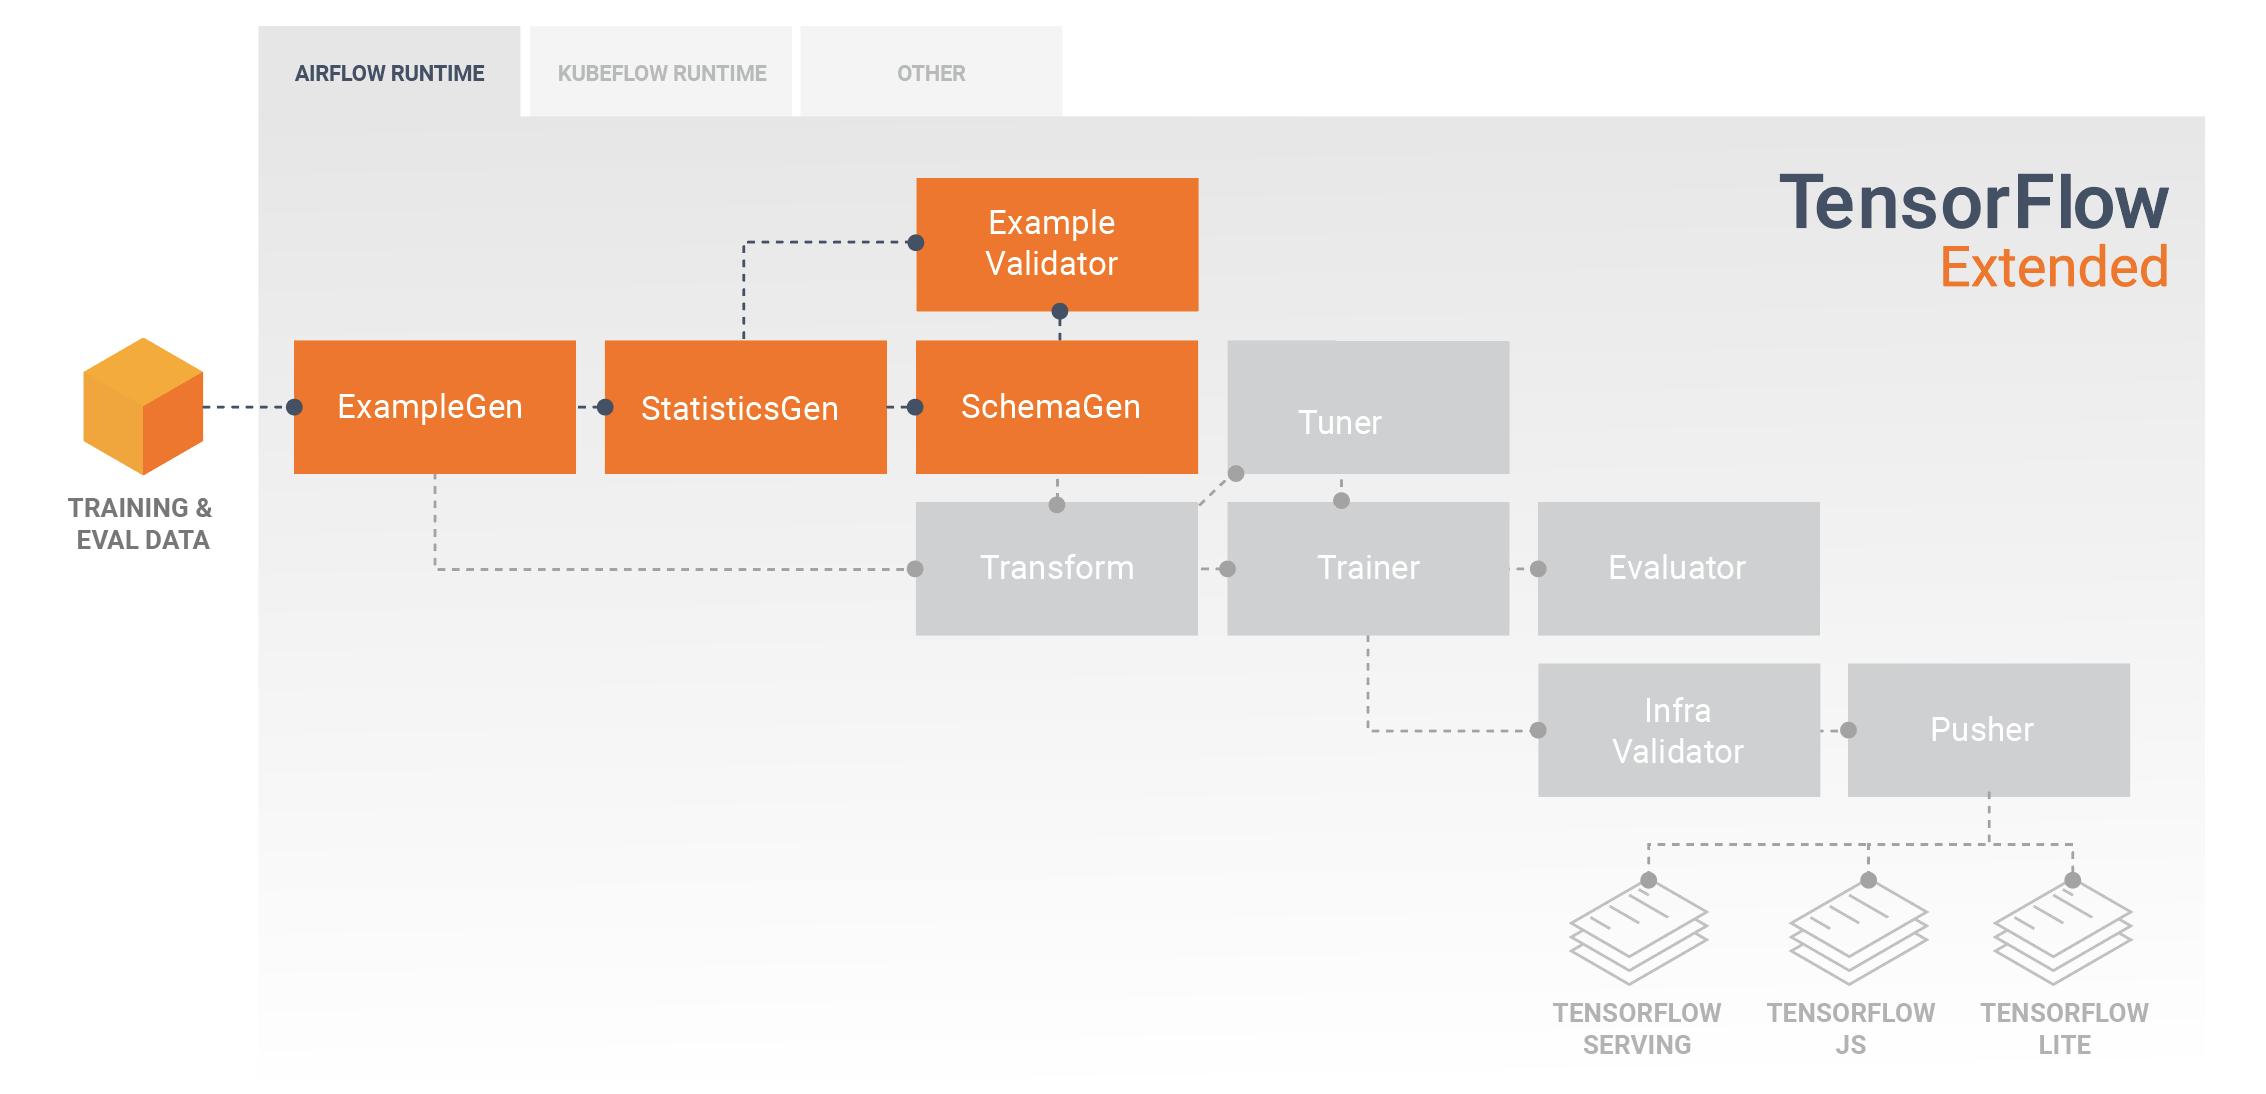 Datenexploration, -visualisierung und -bereinigung